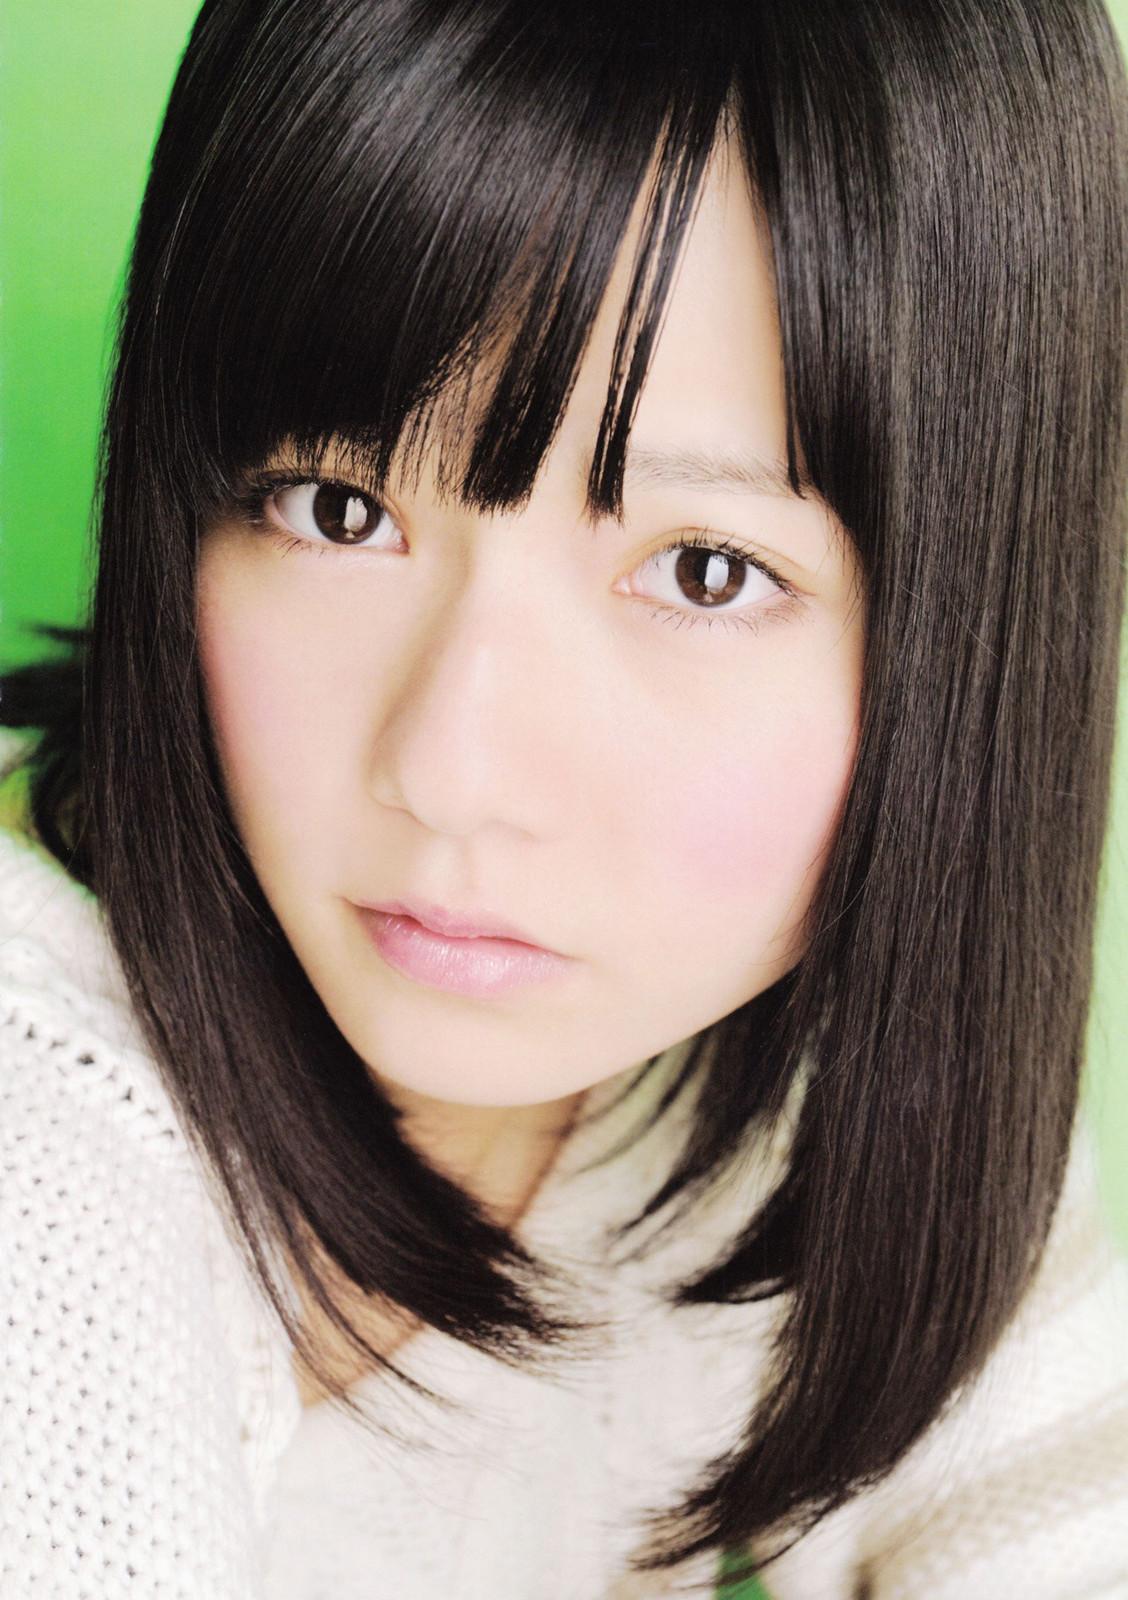 島崎遥香ちゃん可愛すぎンゴwwwwww , AKB48まとめんばー